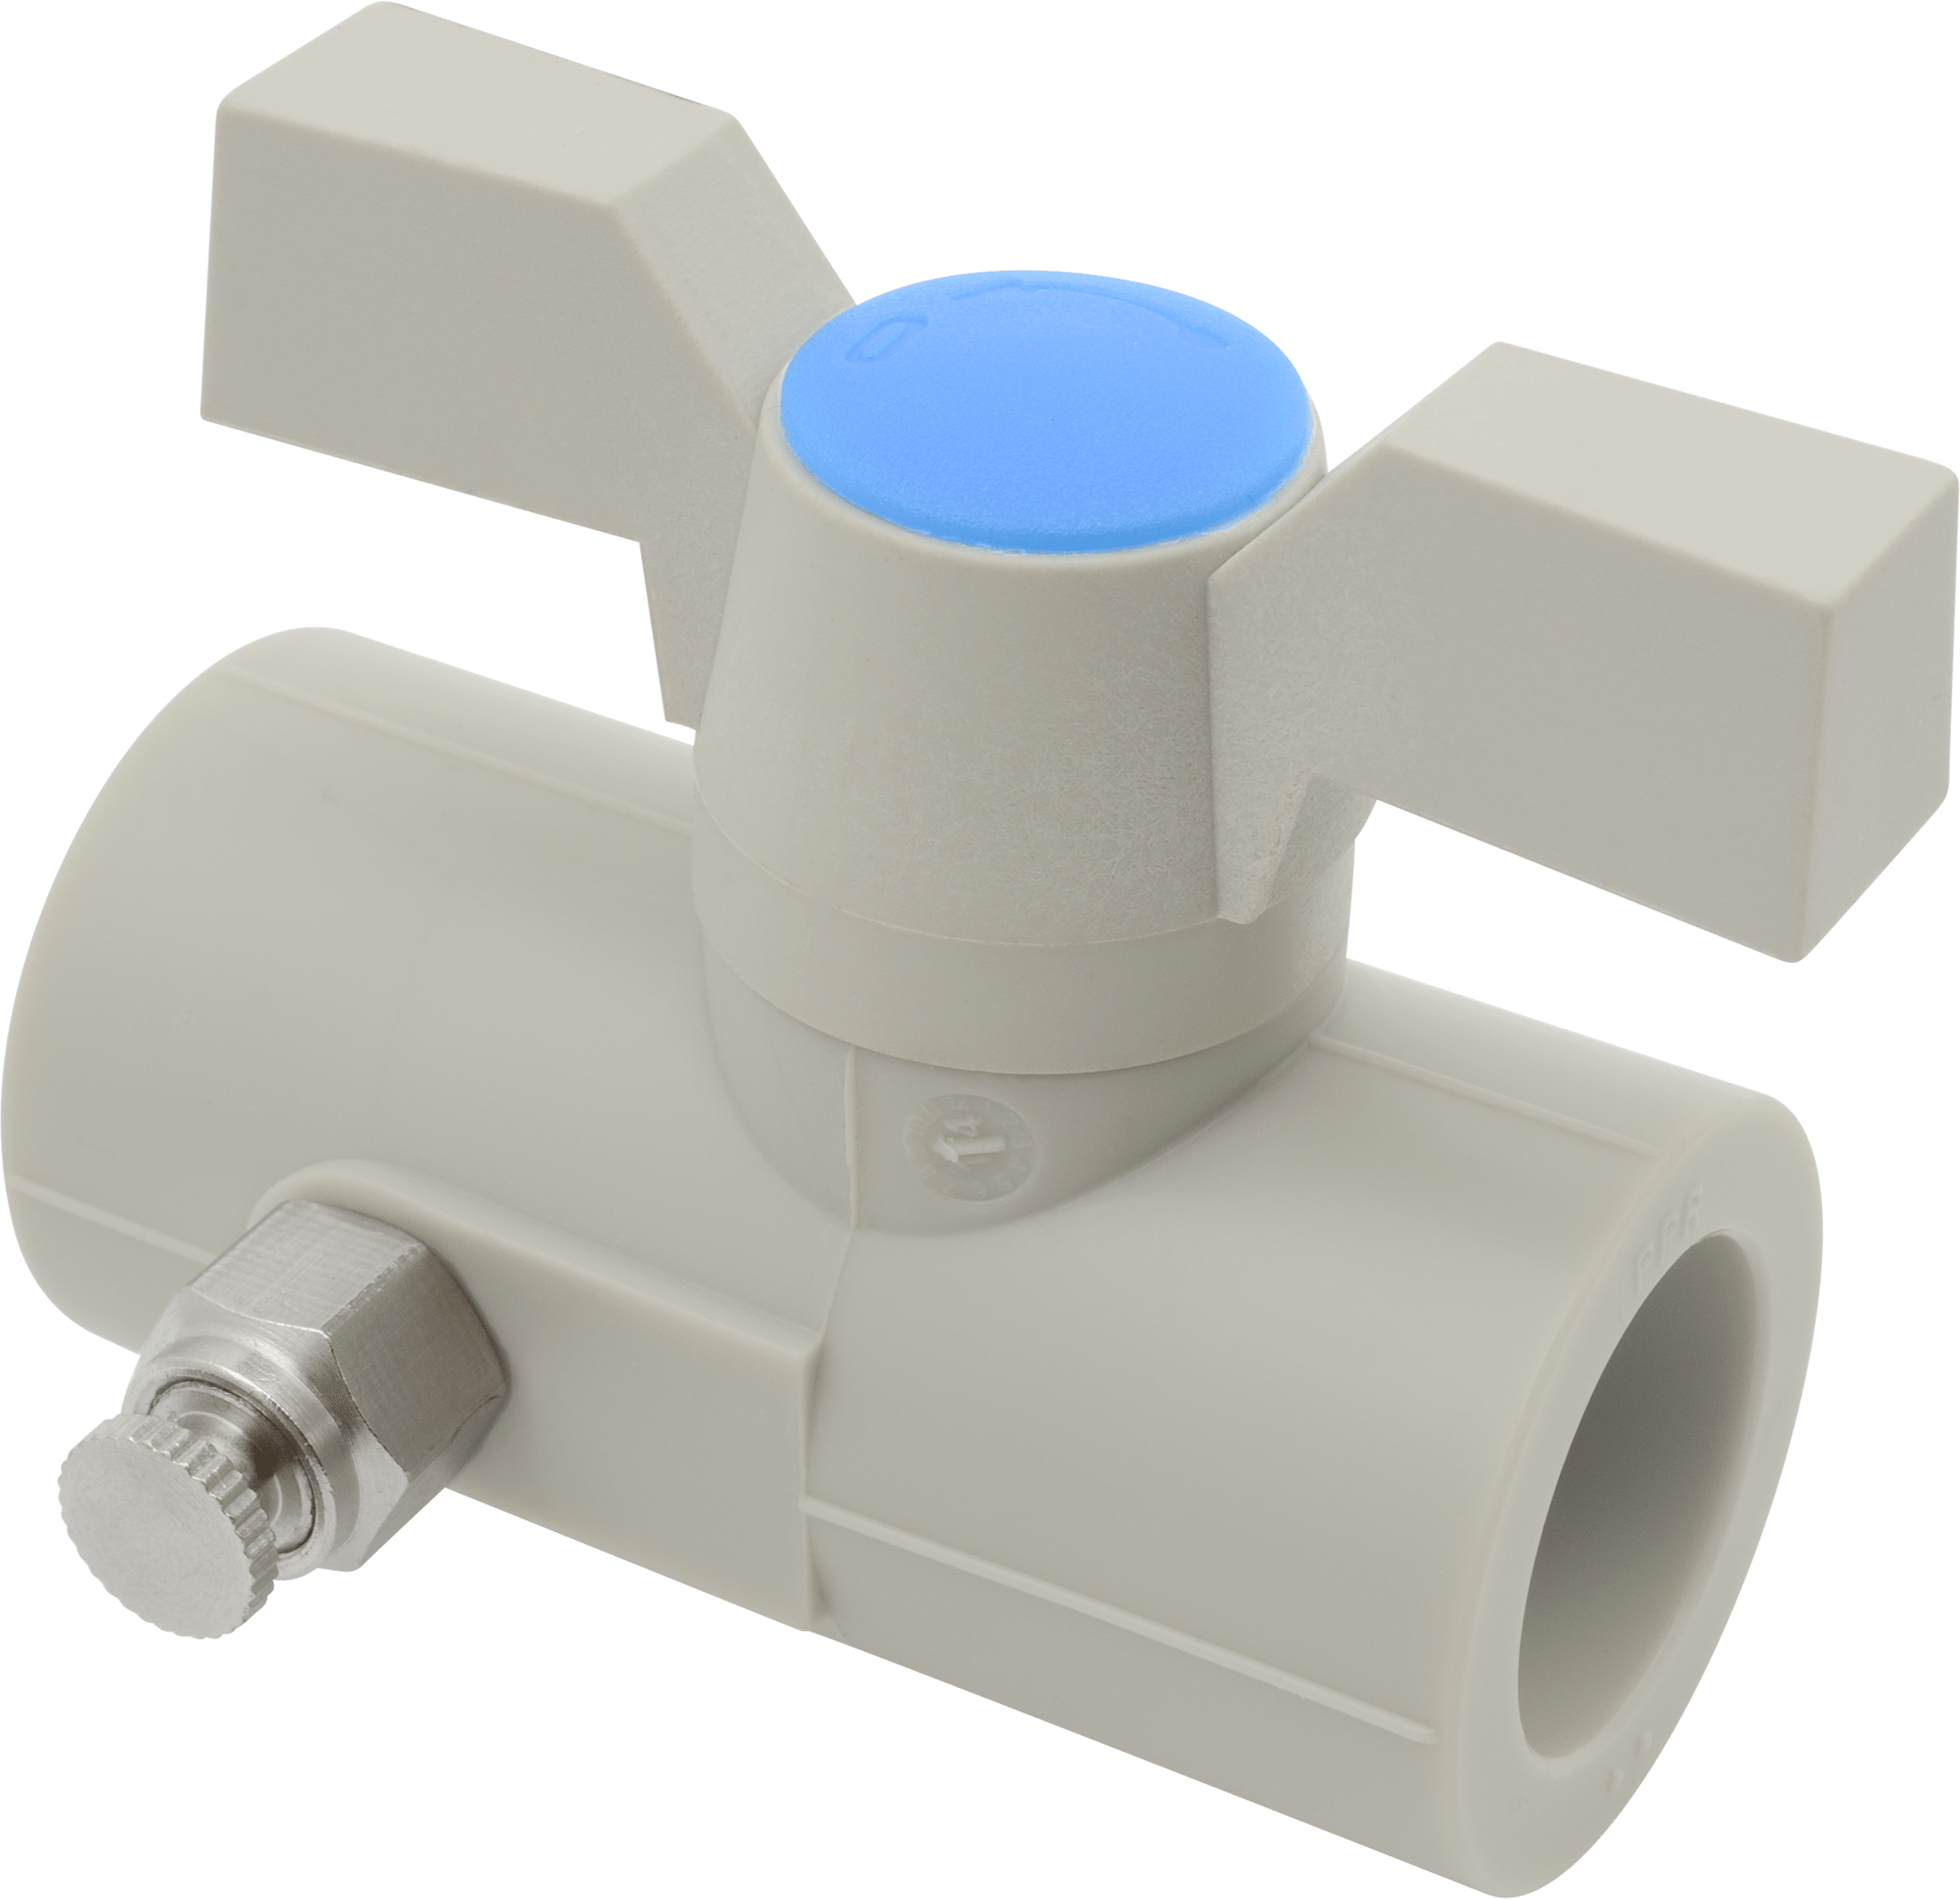 Pipe clipart valve. Fv ppr ball plastic